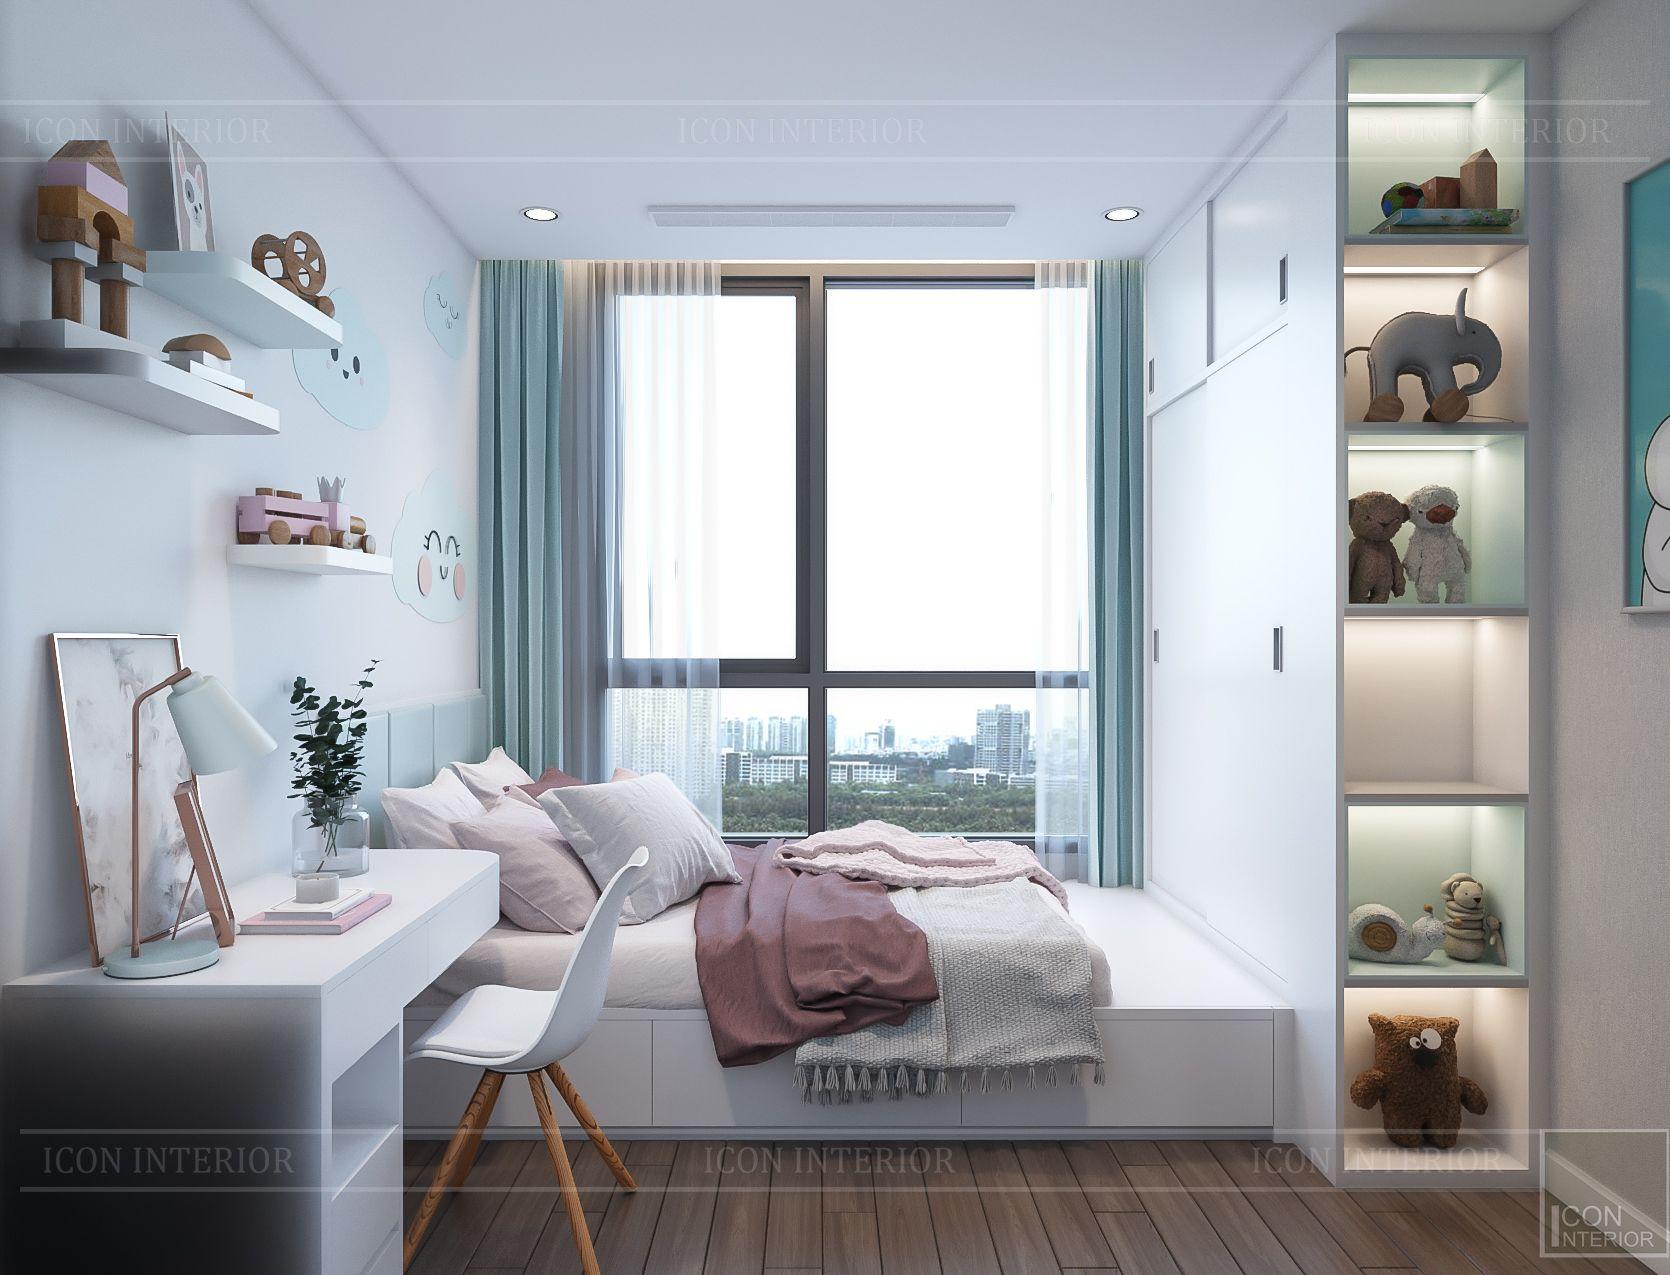 thiết kế nhà phong cách hiện đại - phòng ngủ bé 1